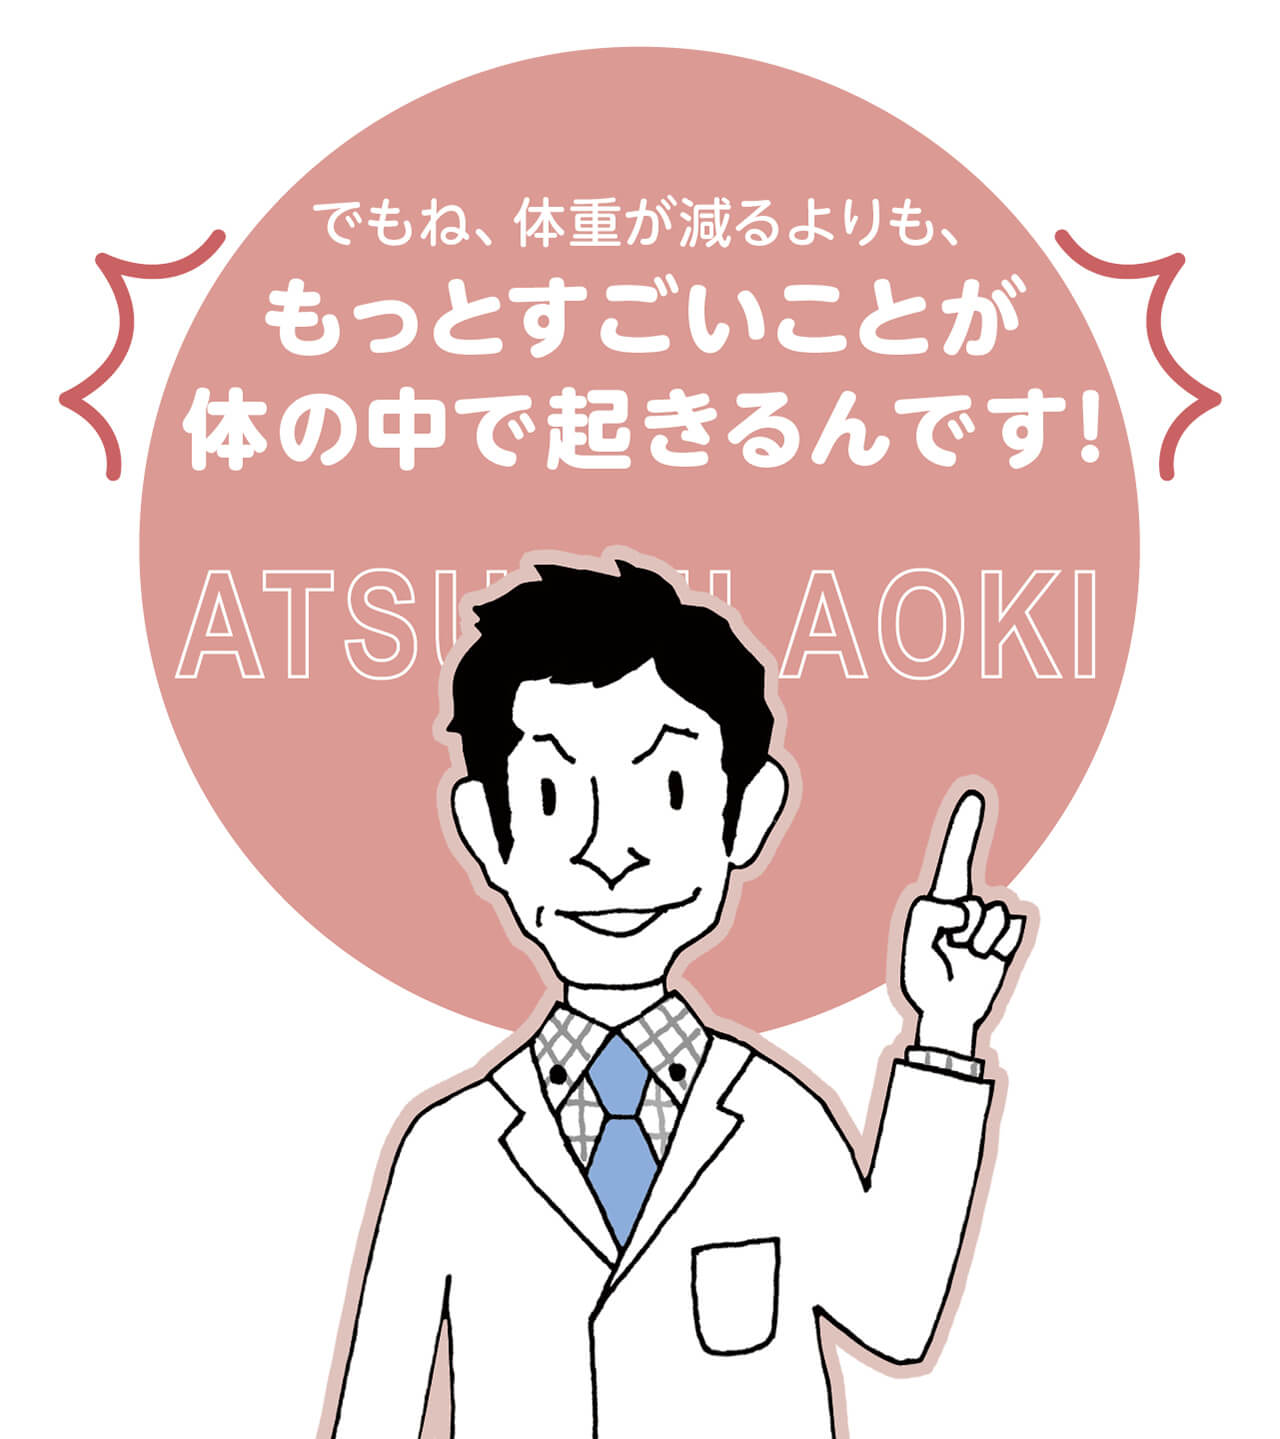 でもね、体重が減るよりも、もっとすごいことが体の中で起きるんです! ATSUSHI AOKI/青木 厚先生